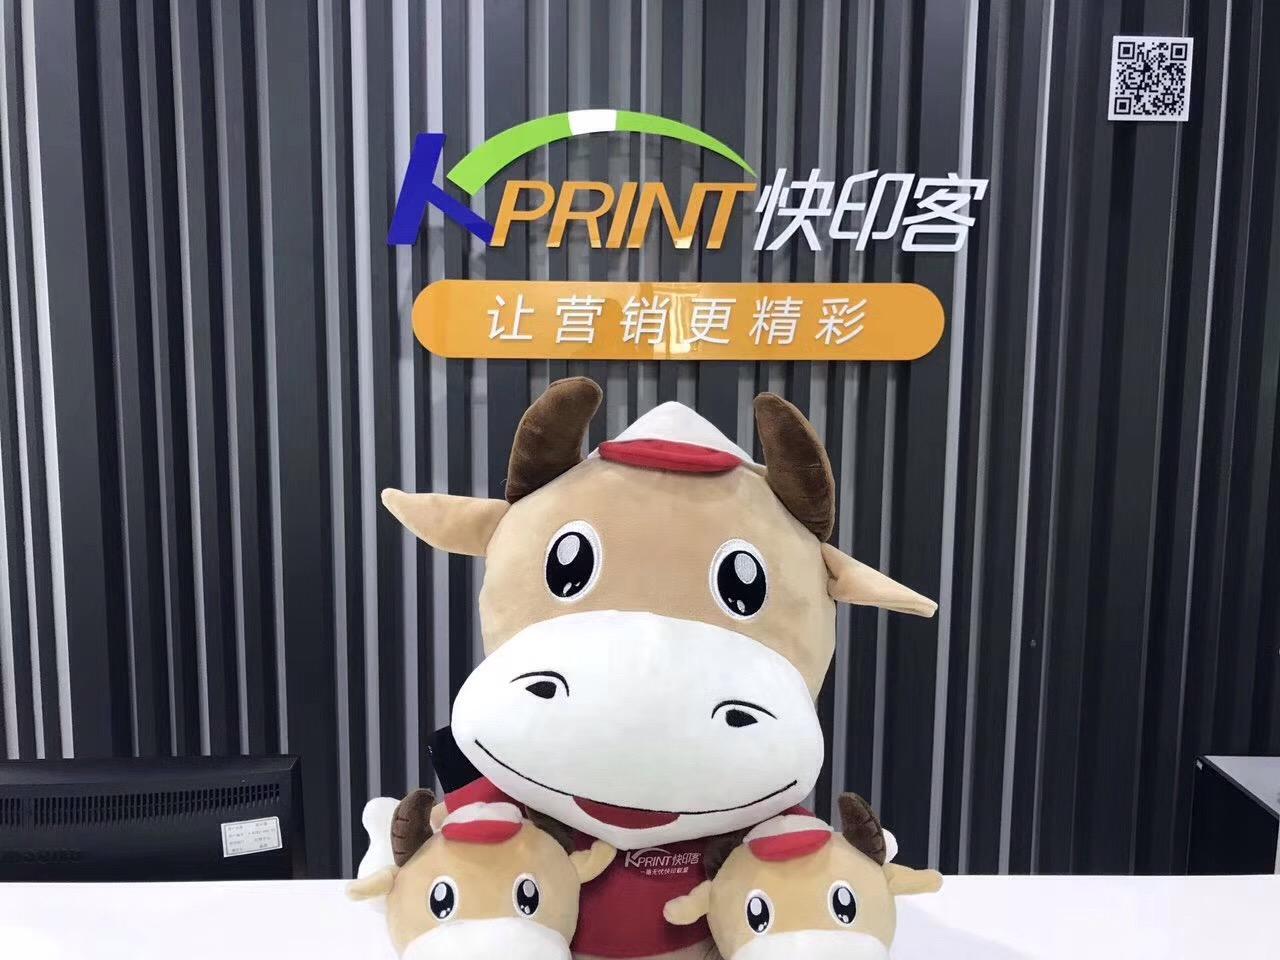 深圳市快印客電子商務有限公司